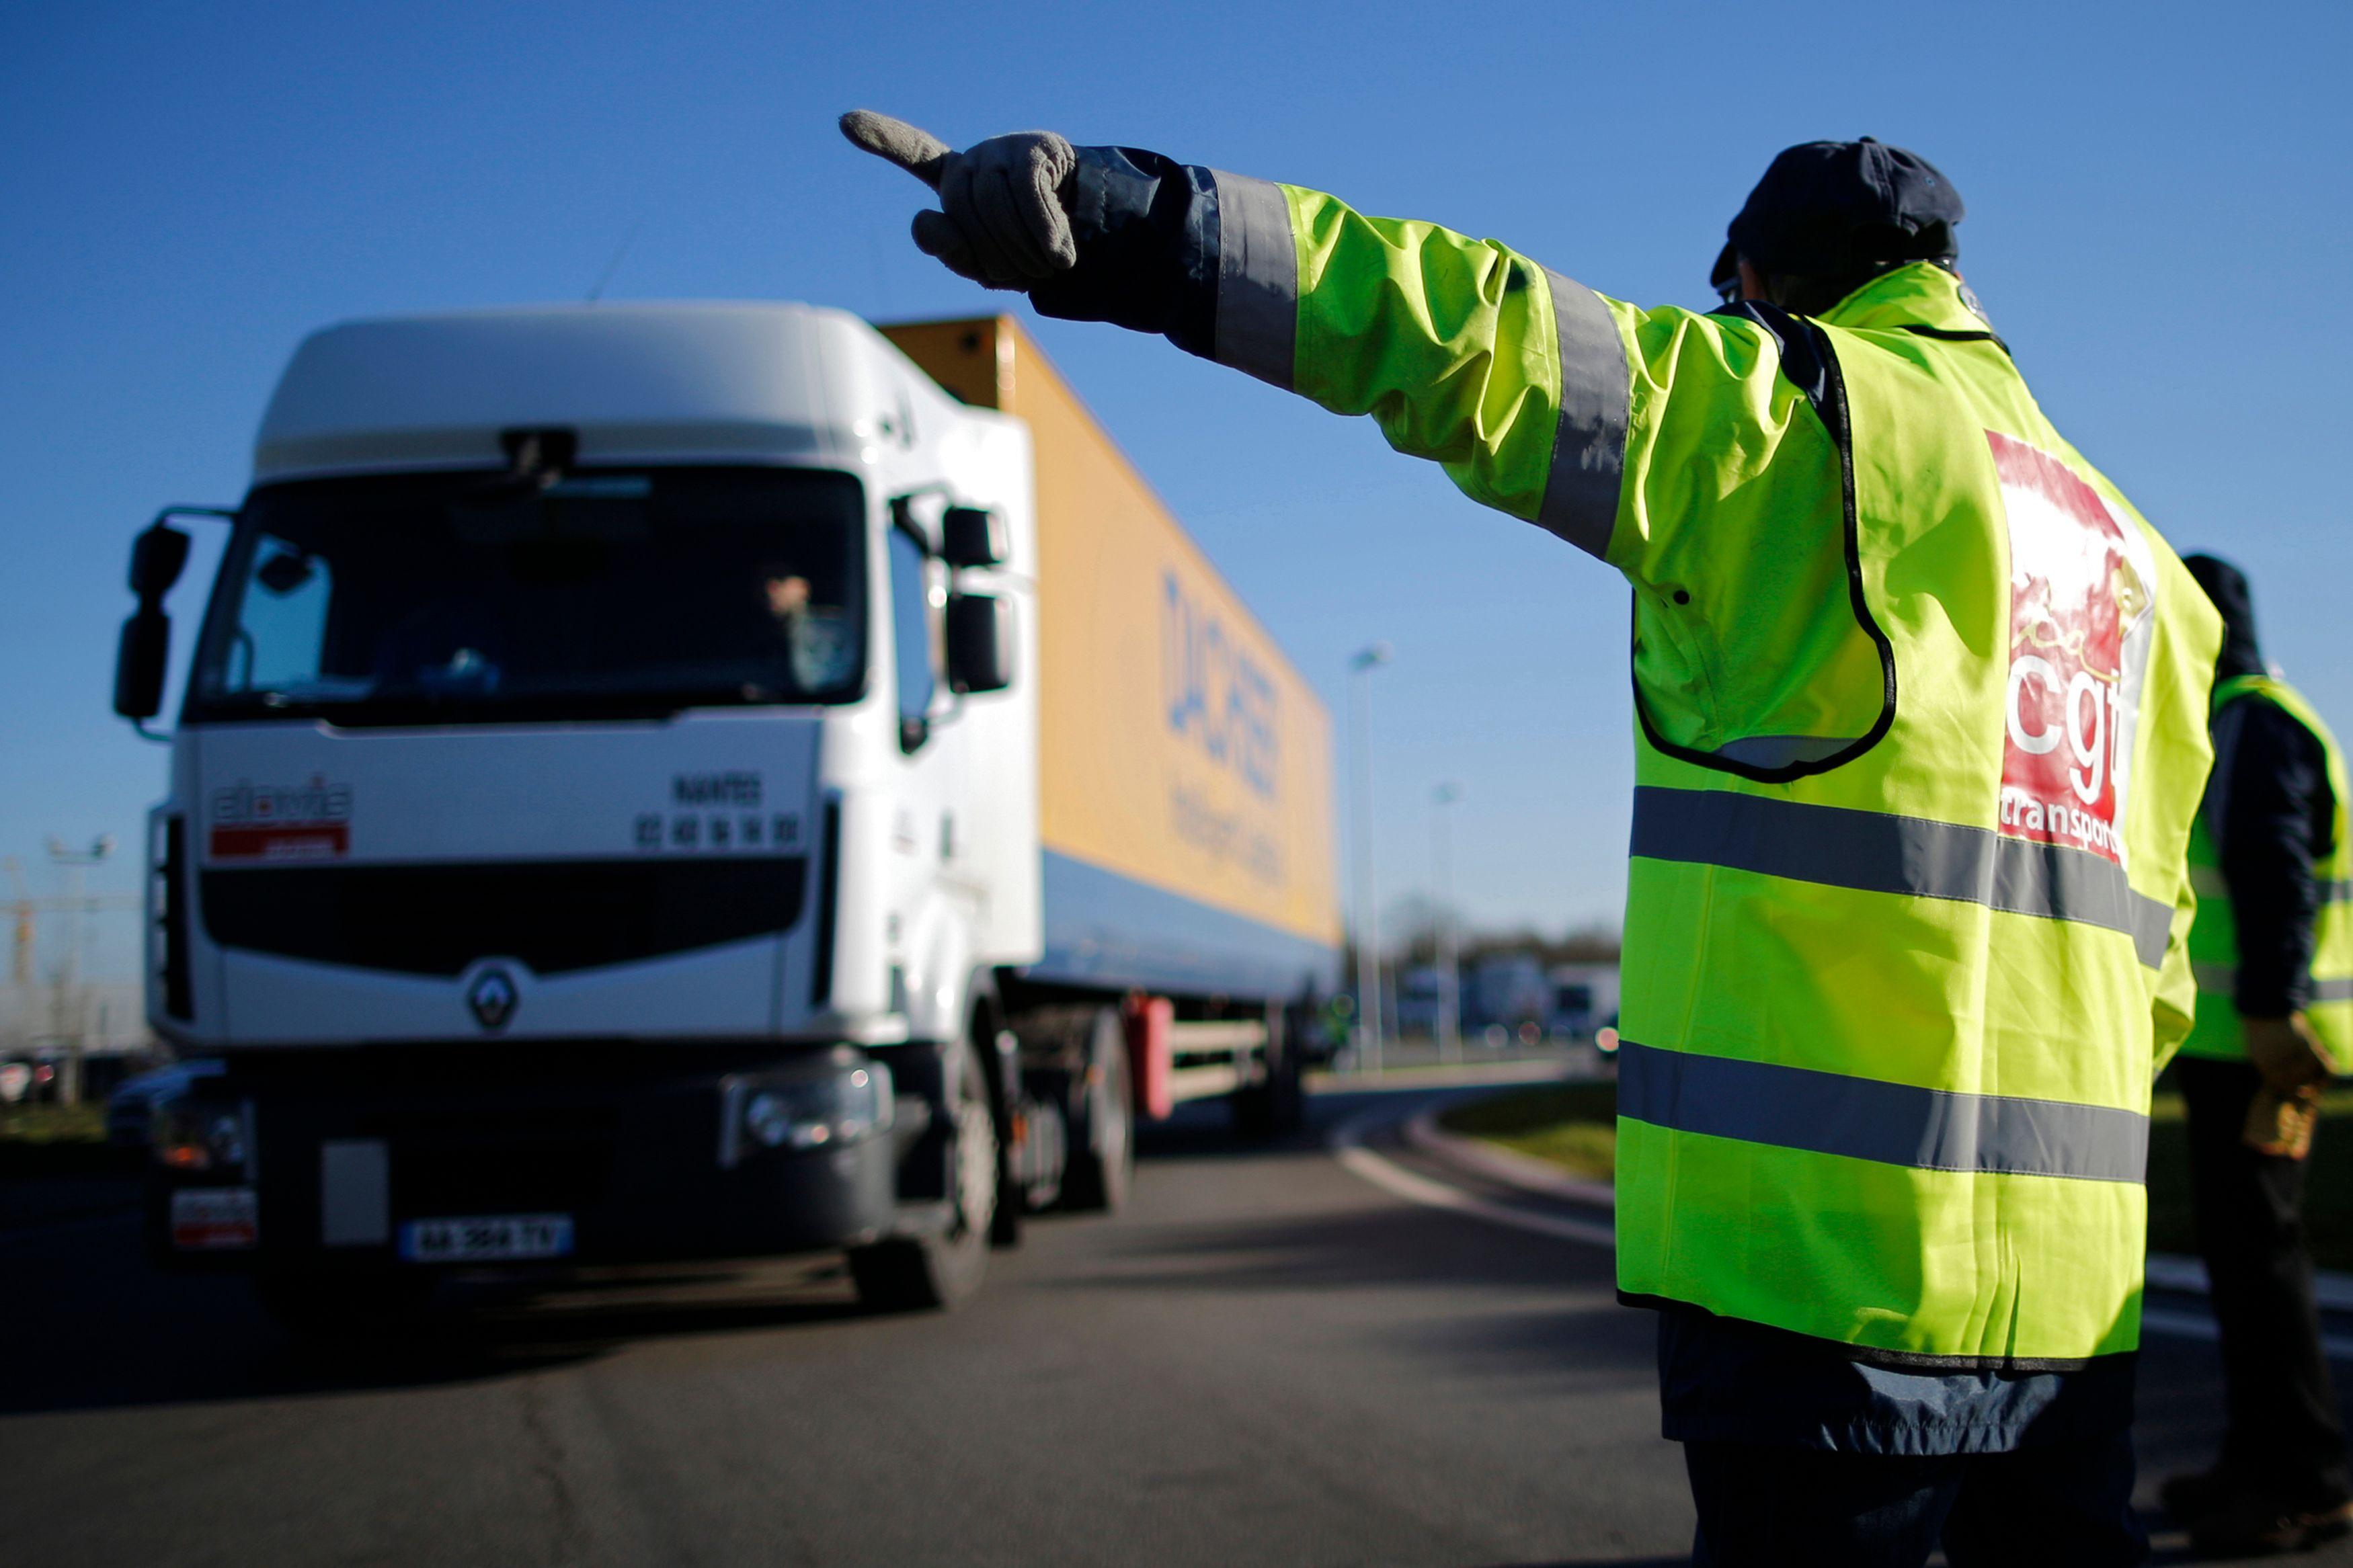 Les routiers en grève, échec sur le dialogue social et la loi Macron... Les 10 infos éco de la semaine qu'il ne fallait pas rater